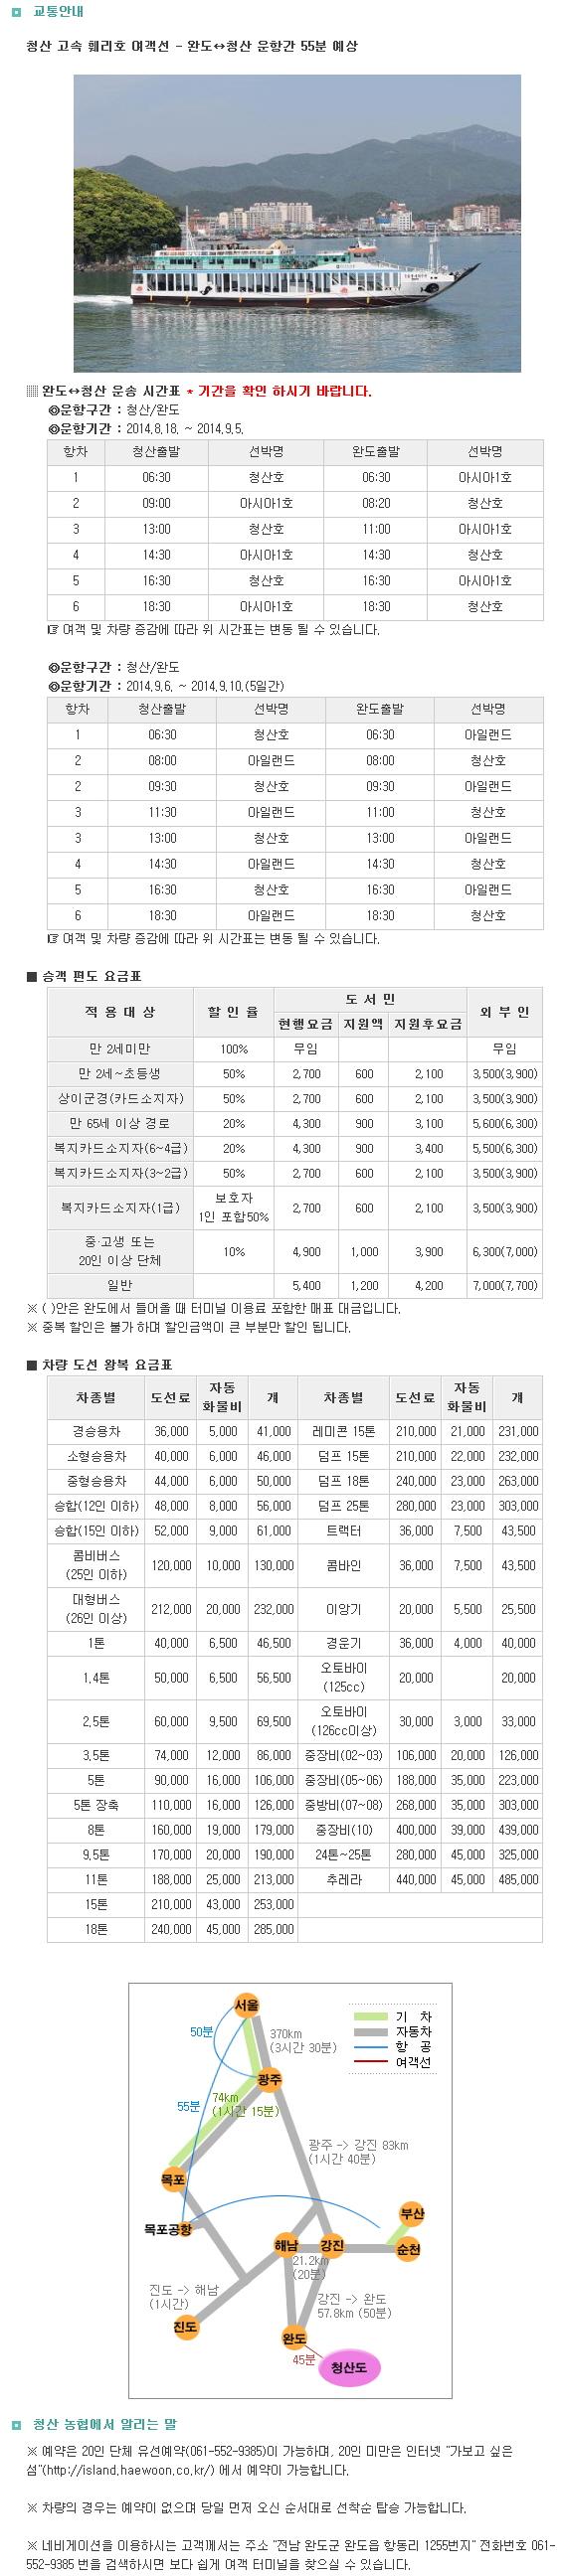 9월 추석연휴까지 시간표.jpg